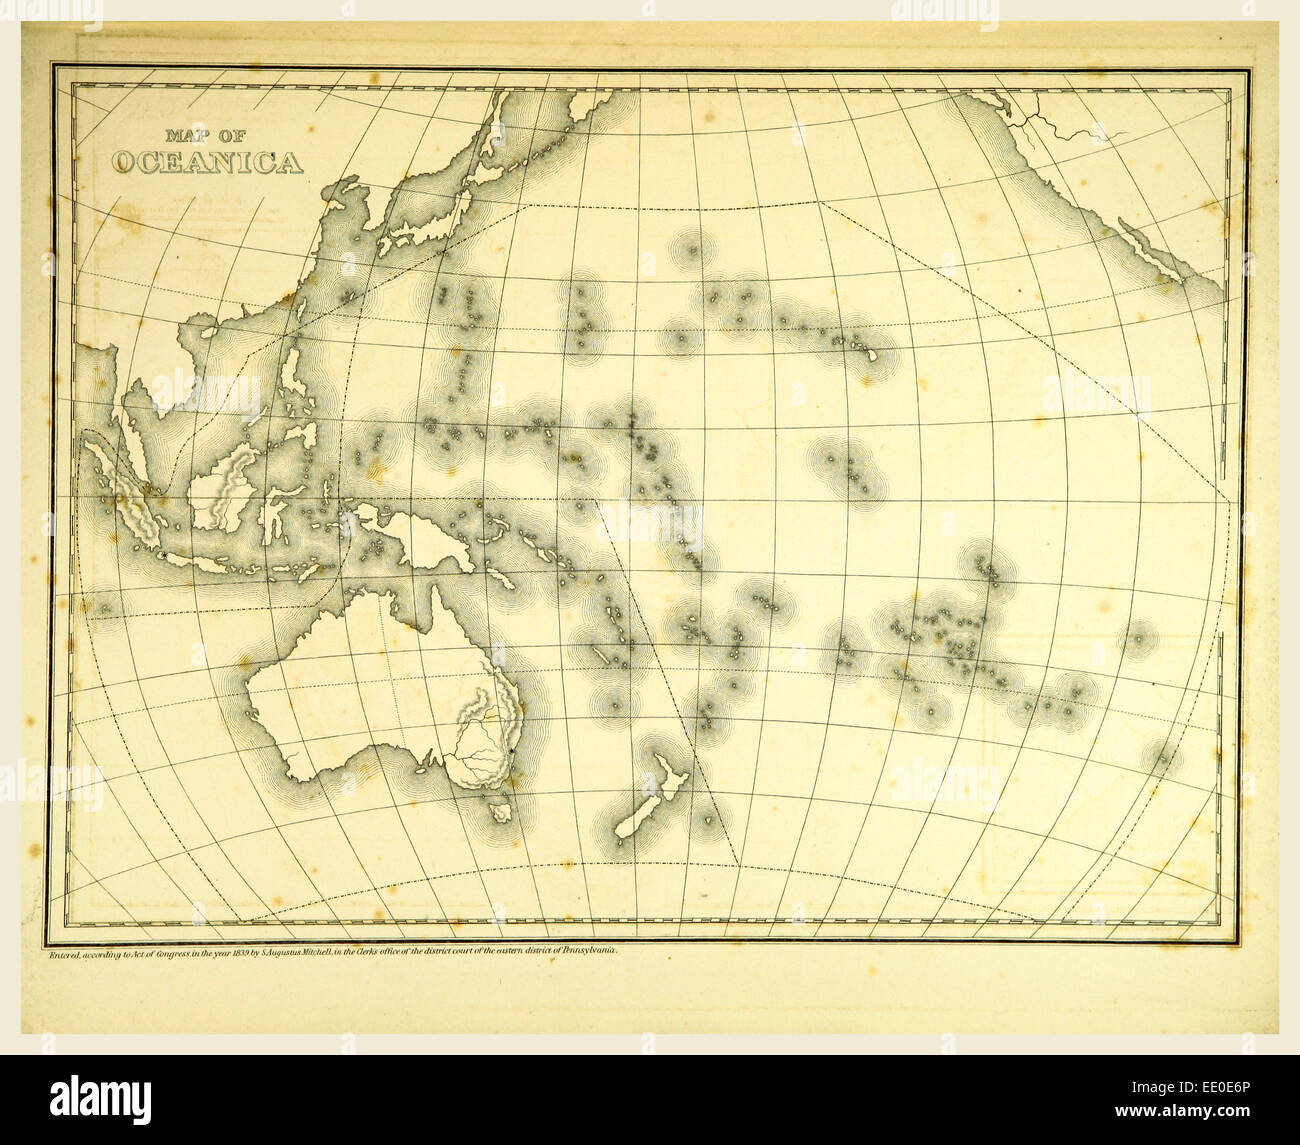 Mitchell del Atlante di mappe di contorno, mappa di Oceanica, xix secolo incisione, Oceania Immagini Stock